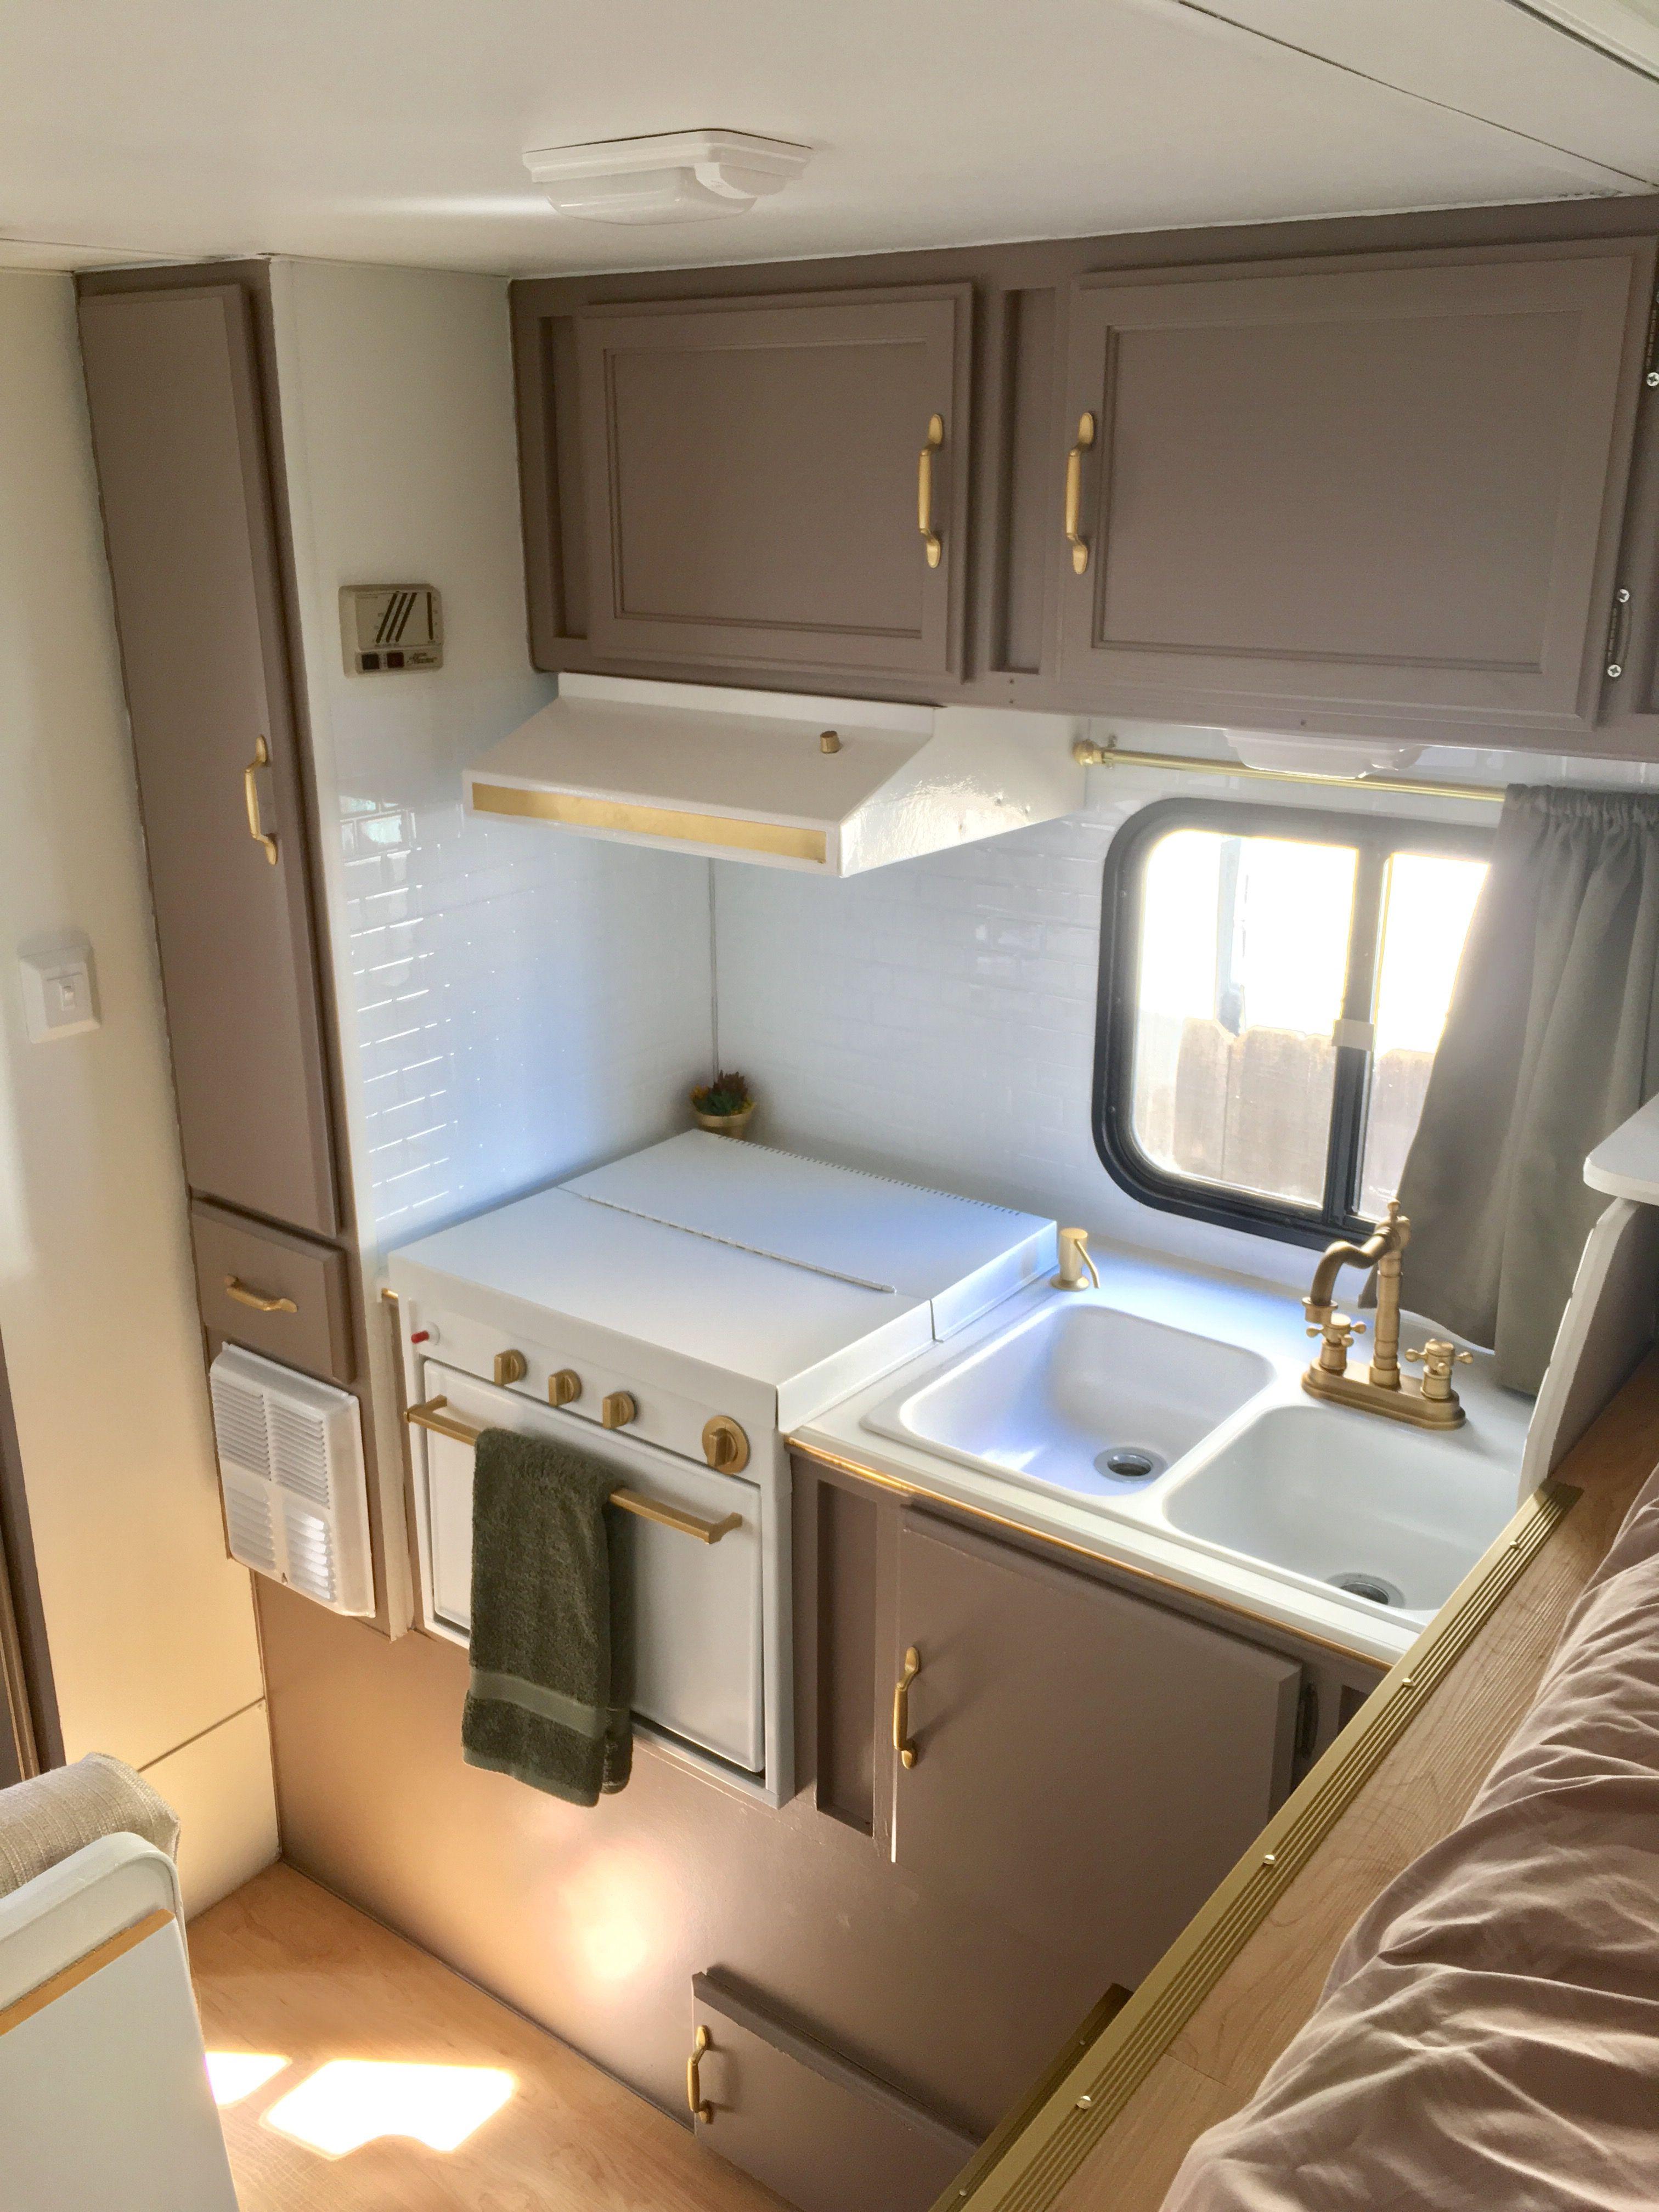 truck camper trailer remodel before and after insta sara. Black Bedroom Furniture Sets. Home Design Ideas